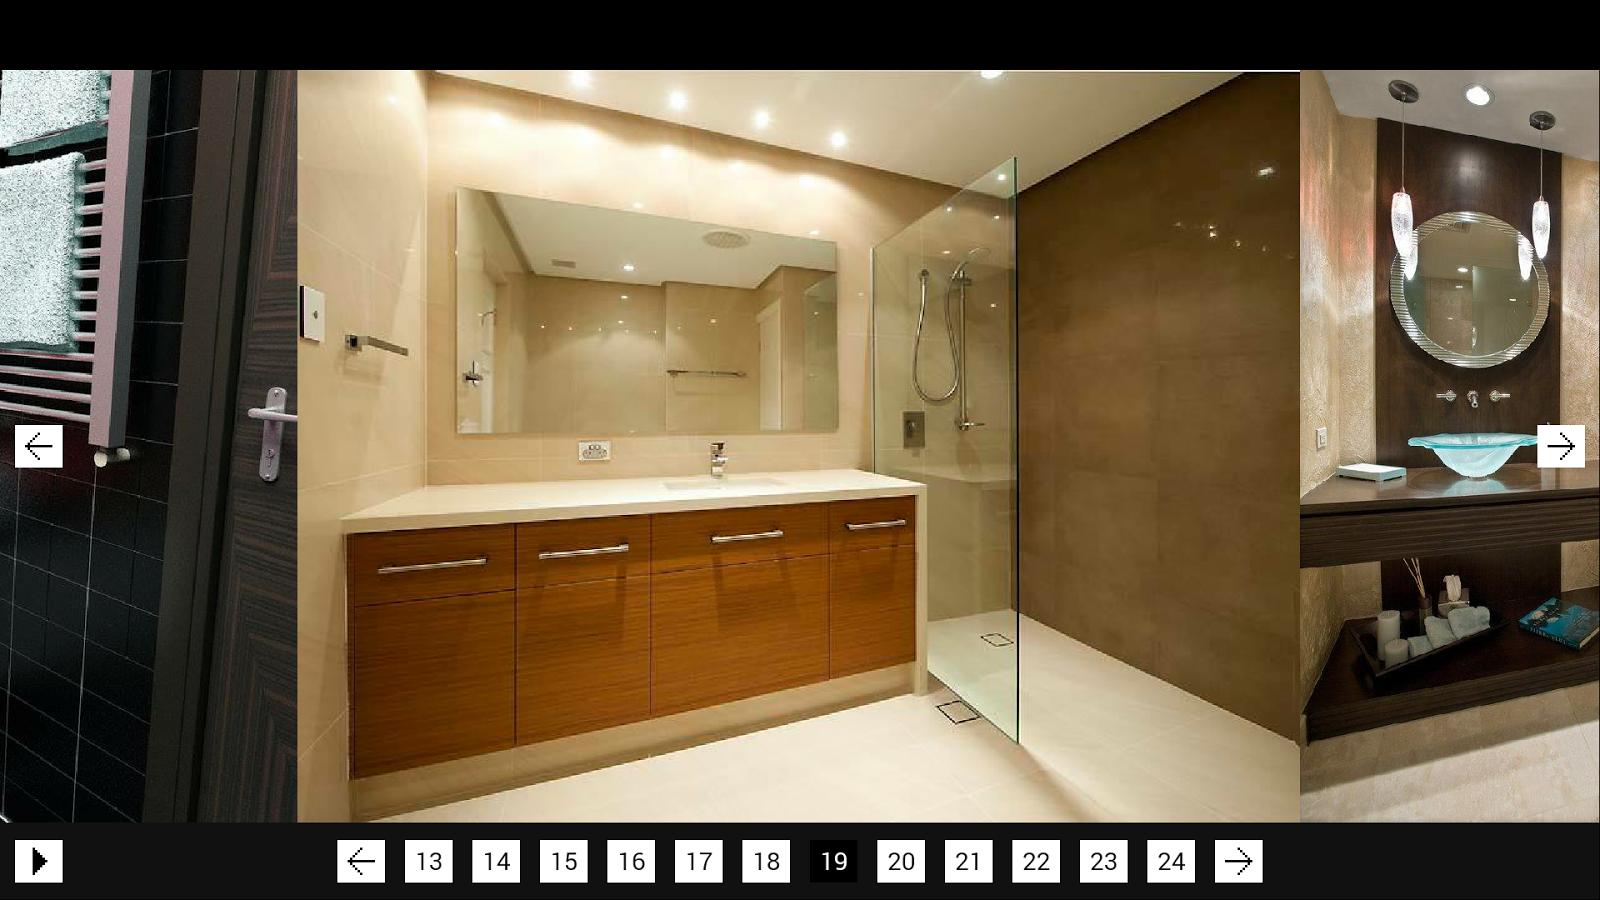 Bathroom decor android apps on google play for Play 1 bathroom